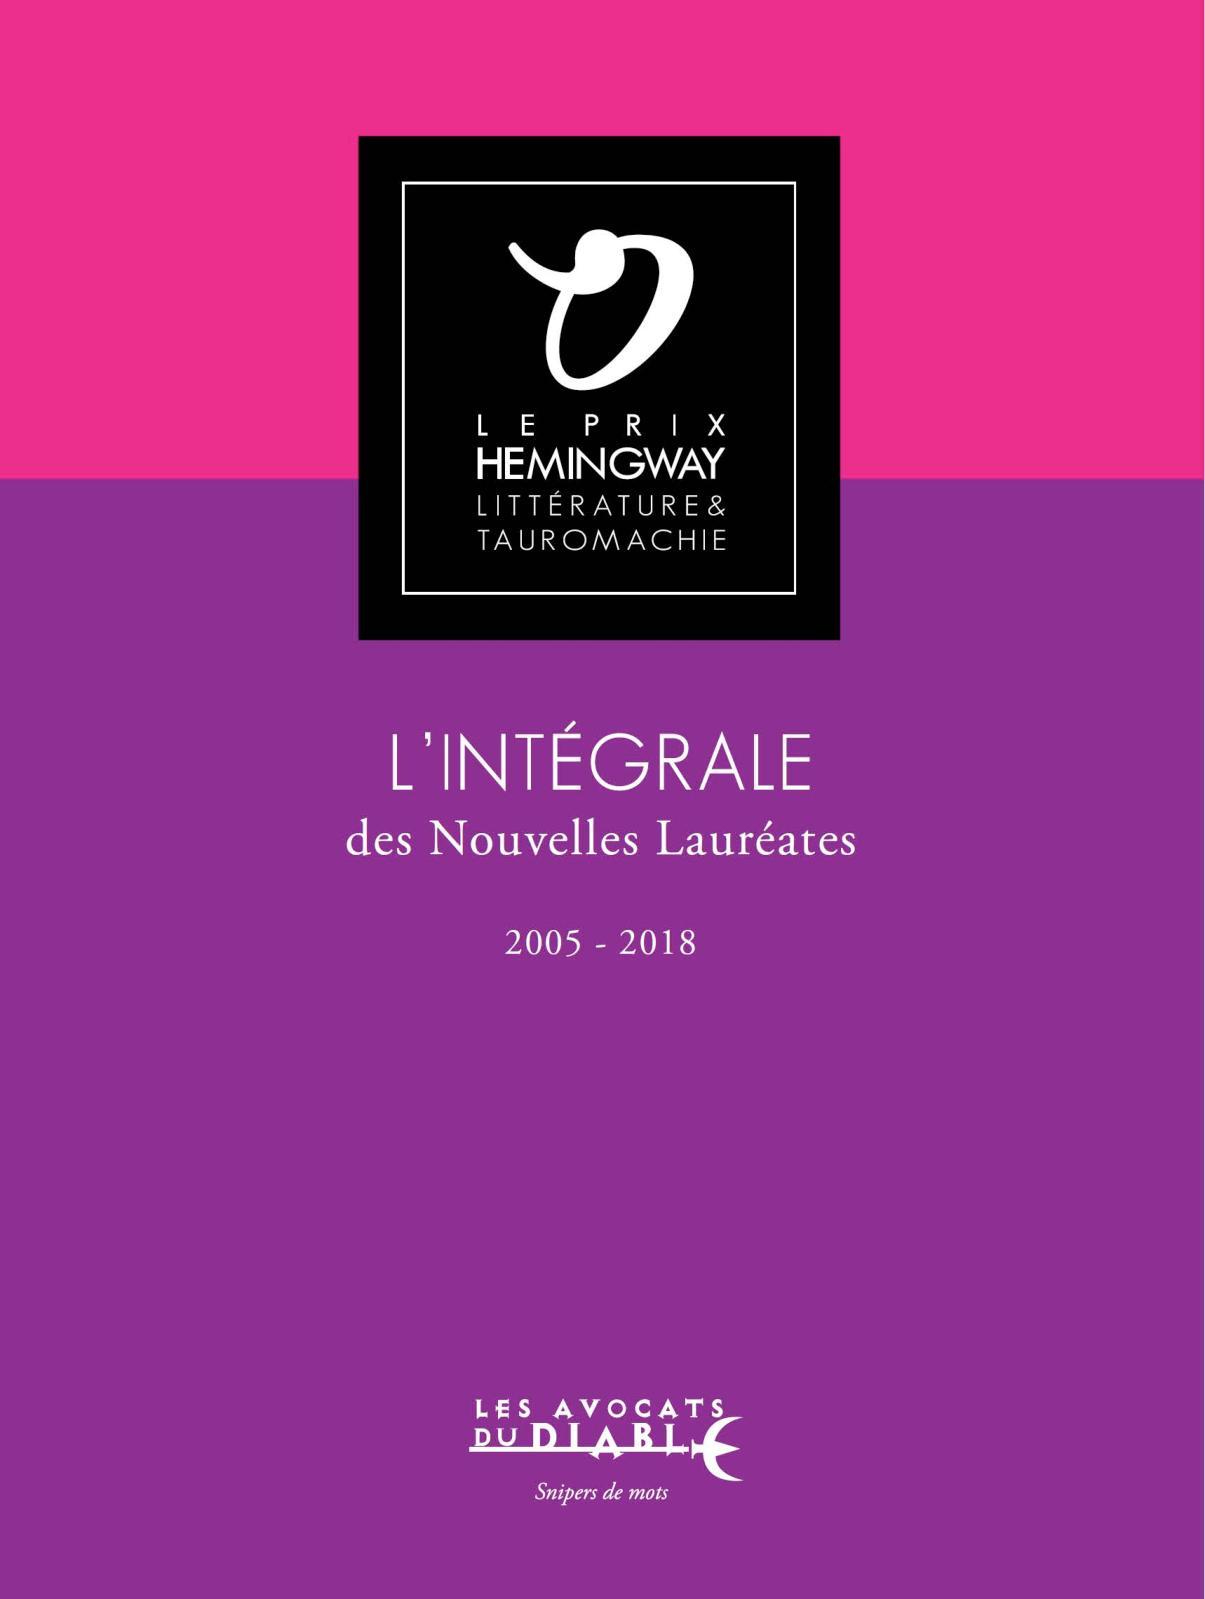 Calaméo Lintégrale Des Nouvelles Lauréates Du Prix Hemingway